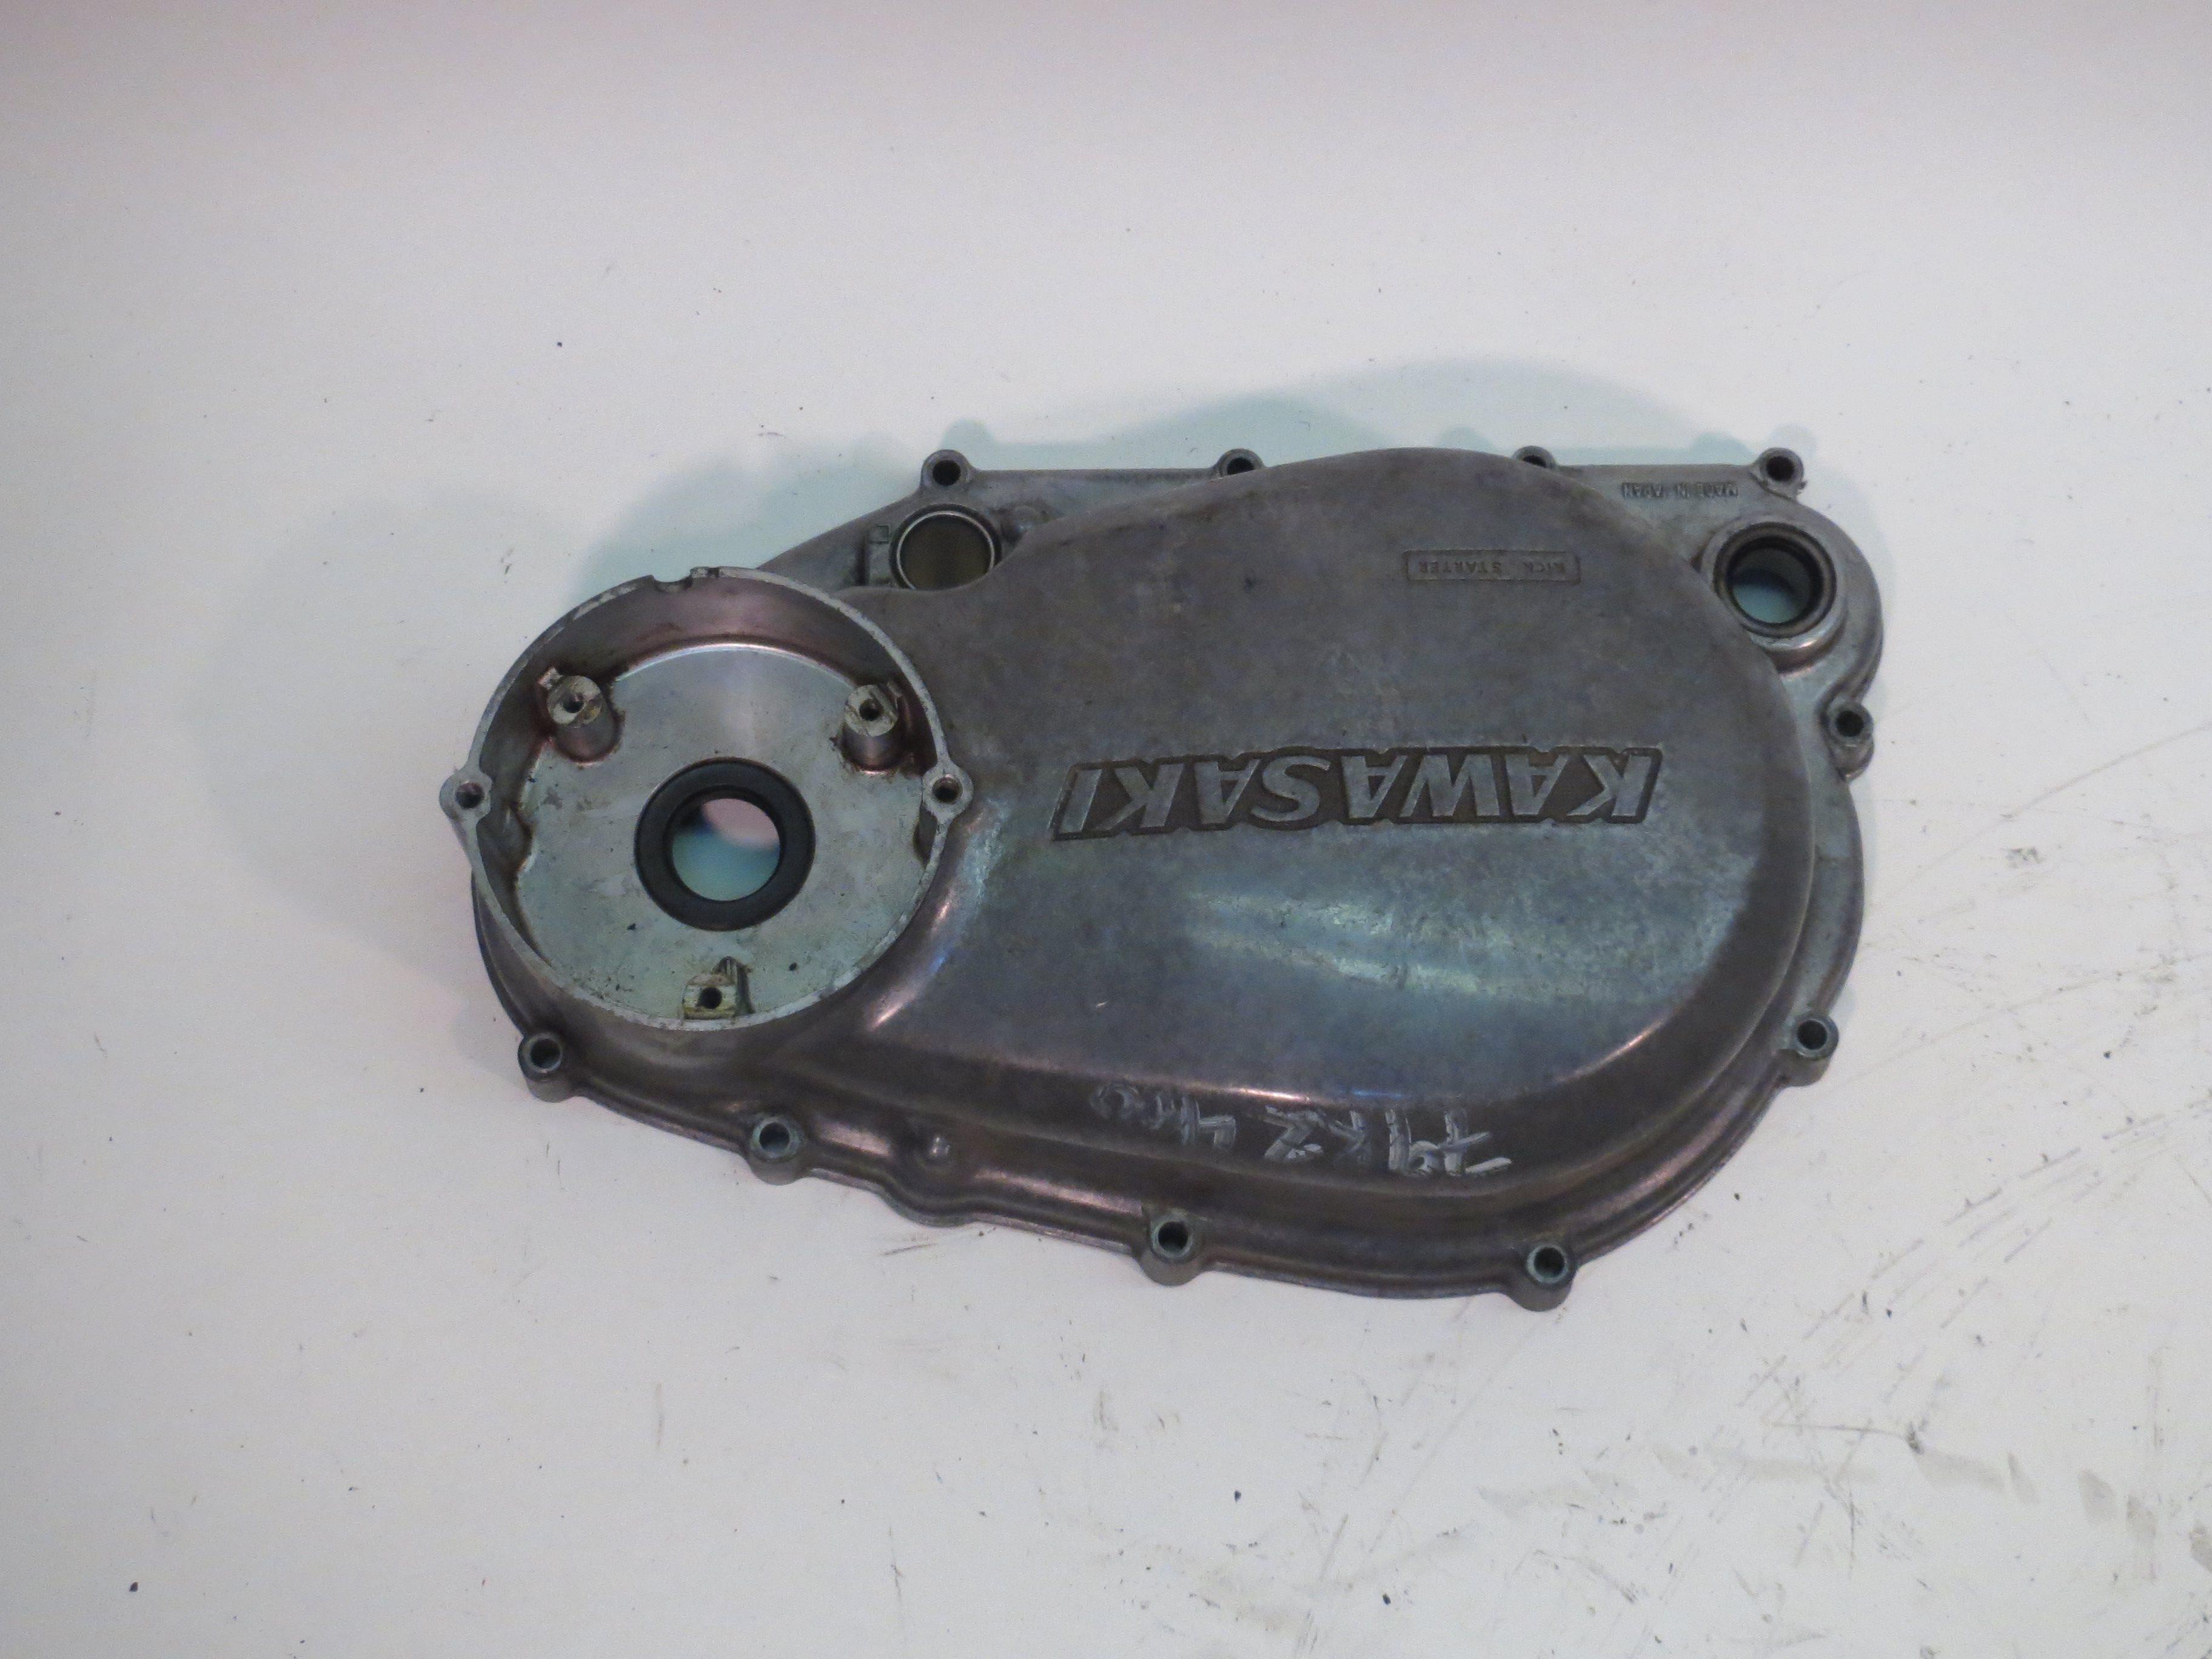 NOS Kawasaki Cylinder Base Gasket KZ400 KZ440 KZ 400 440 78 79 80 81 82 83